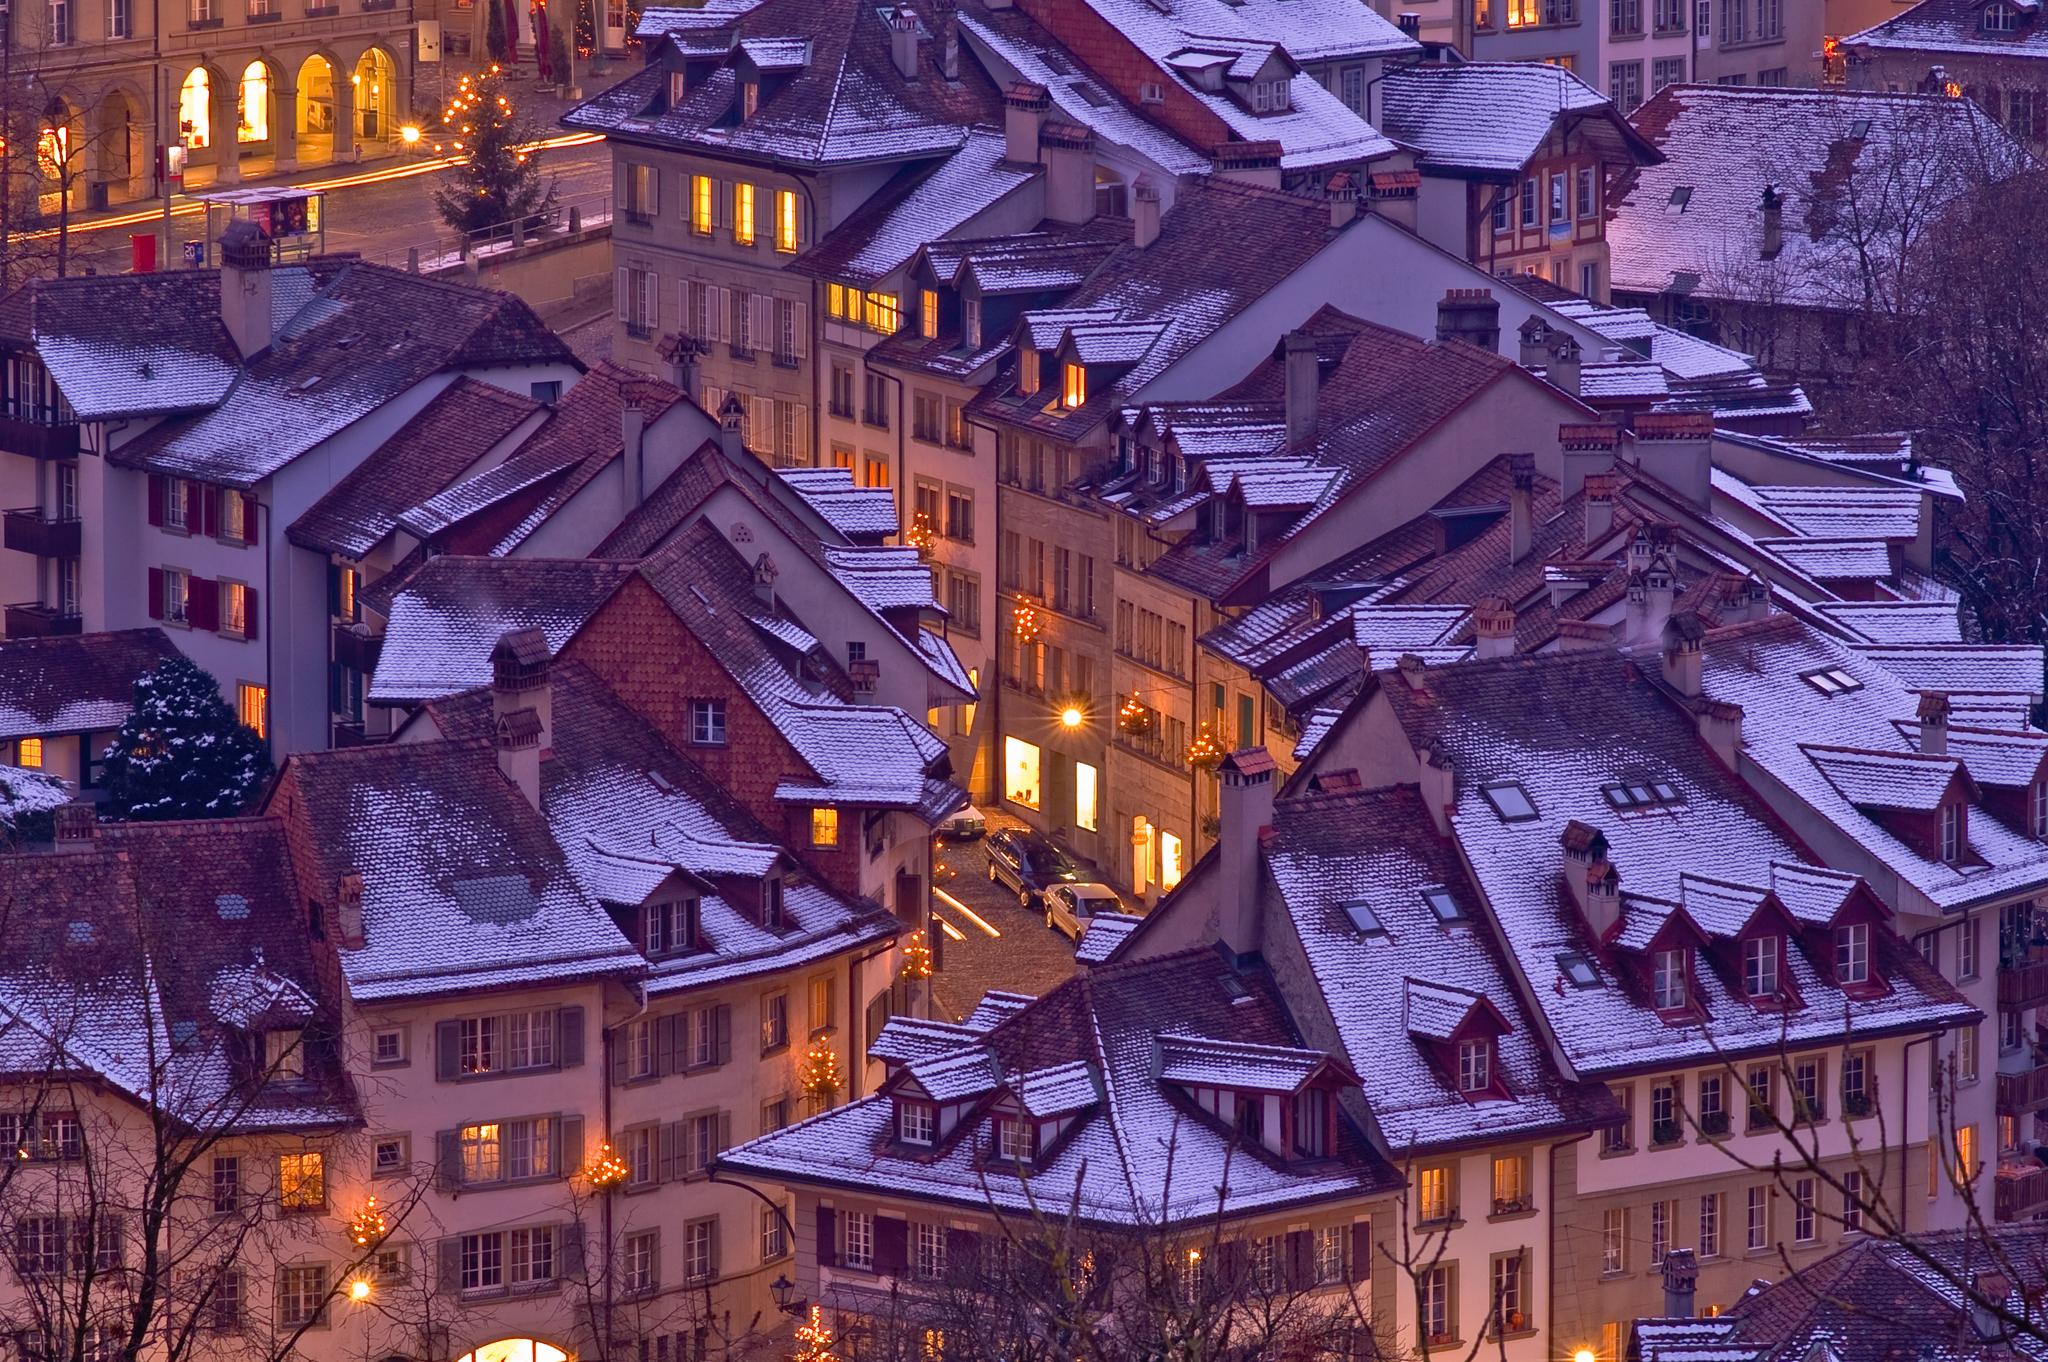 Berner Altstadt in der Weihnachtsstimmung, August 2005, Konica Minolta Photo World (Fotocontest Städteansichten - Städteimpressionen)Zweites Siegerfoto